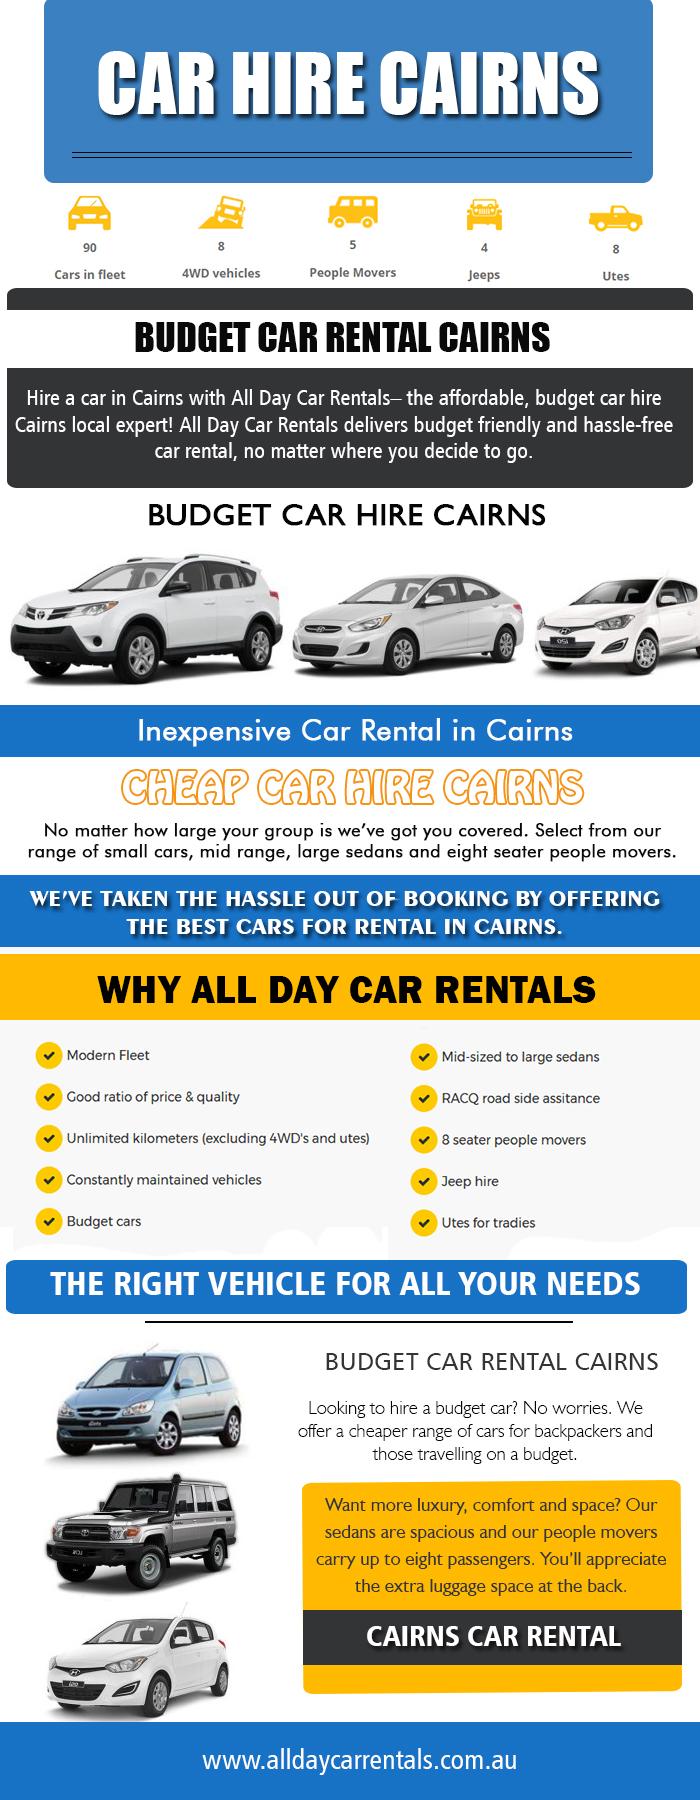 Car hire Cairns